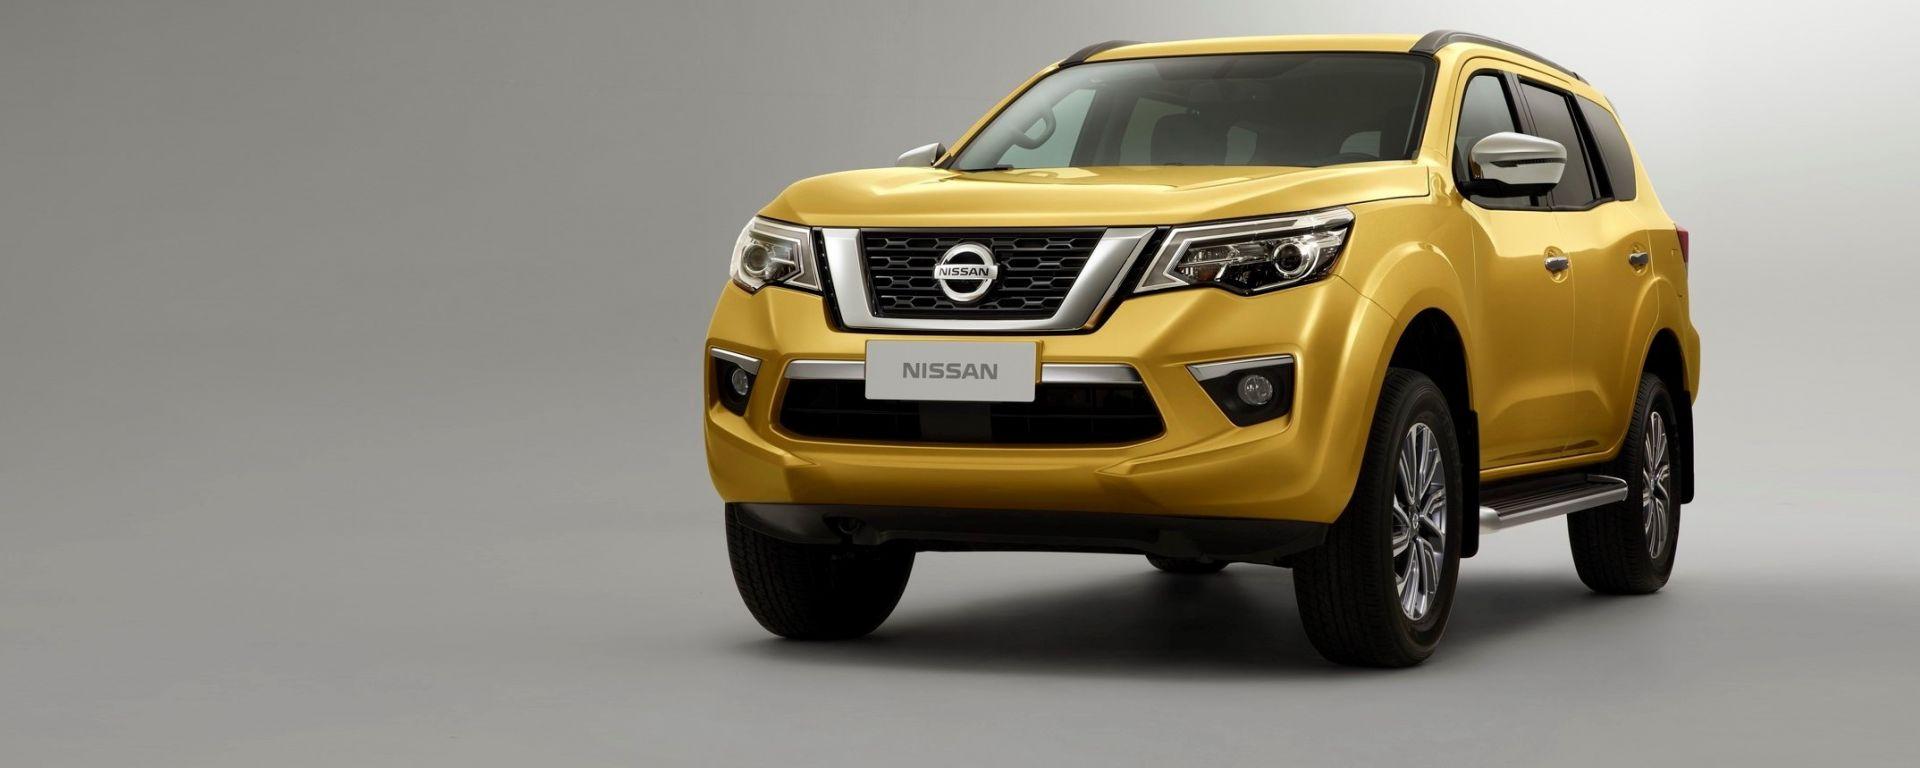 Nissan Terra: vista 3/4 anteriore